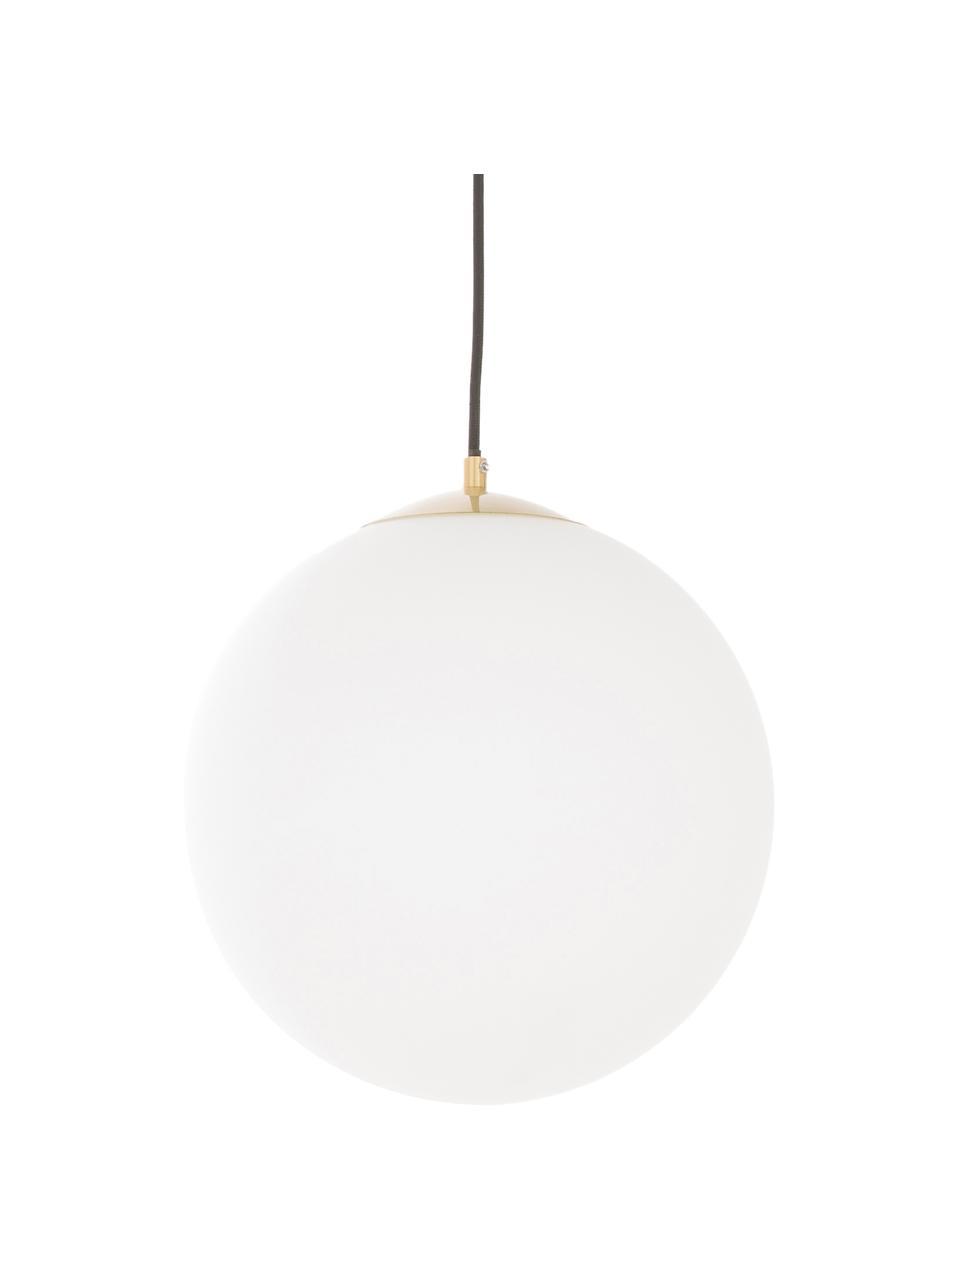 Hanglamp Beth van opaalglas, Lampenkap: opaalglas, Wit, messingkleurig, Ø 30 cm